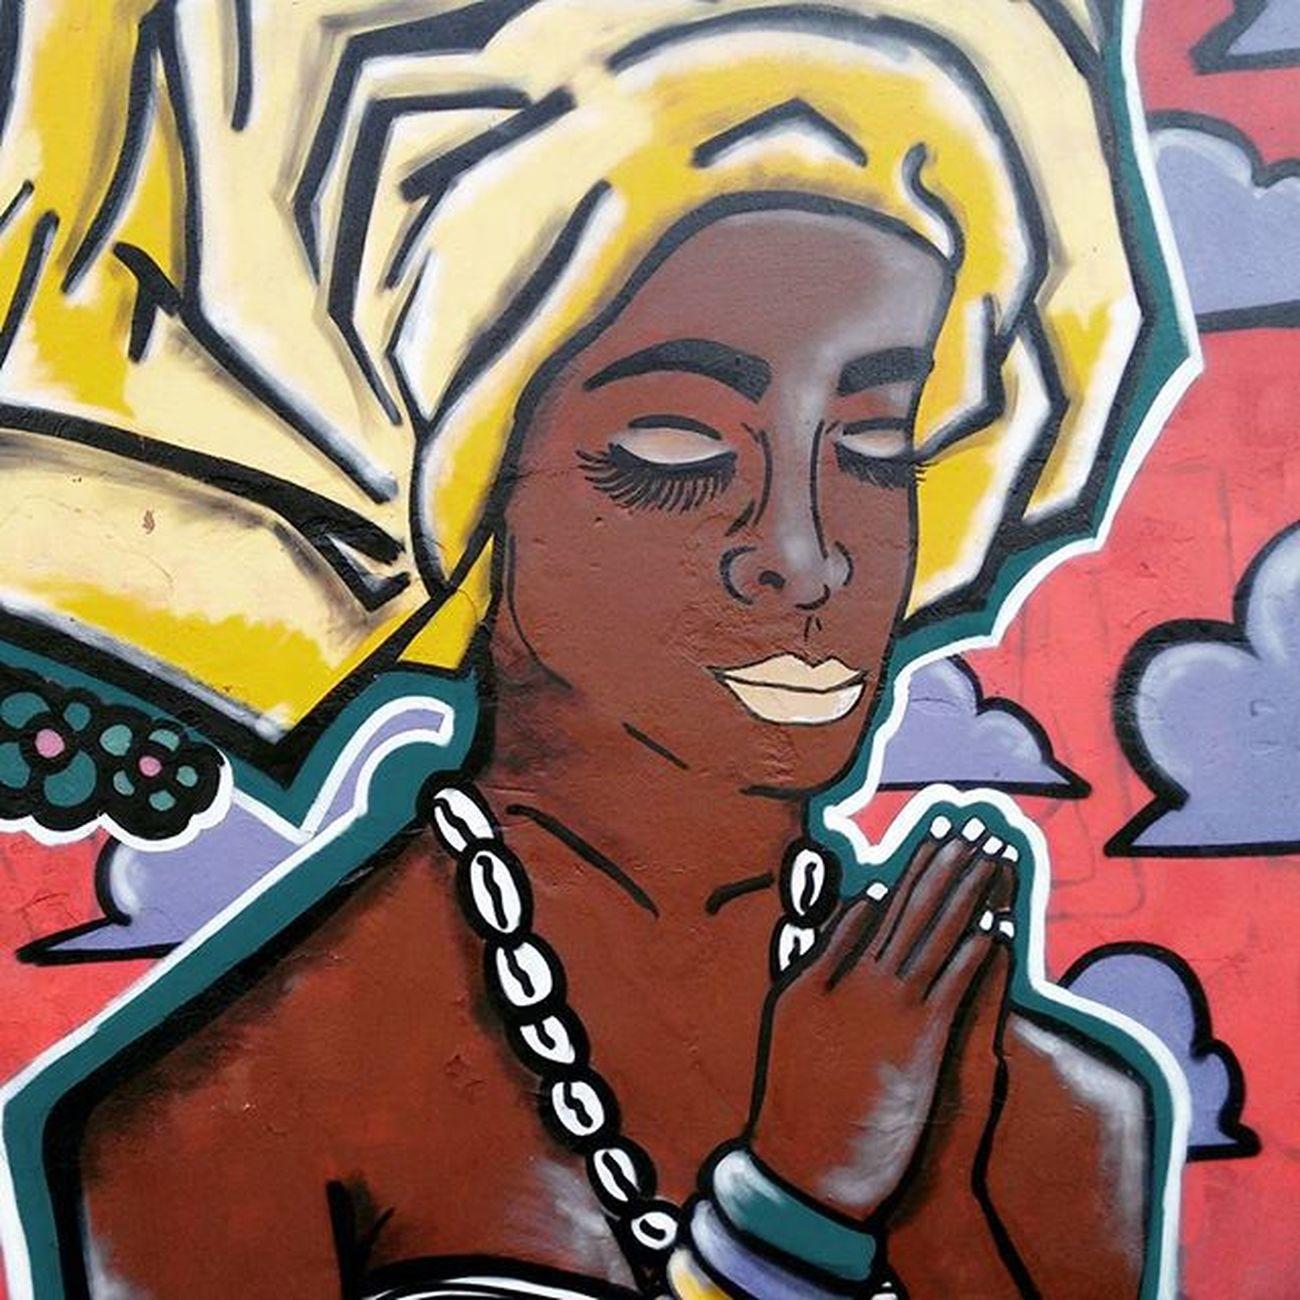 06h58 Globalstreetart Artederua Grafite Arte Saovicente Brazil Instaphoto